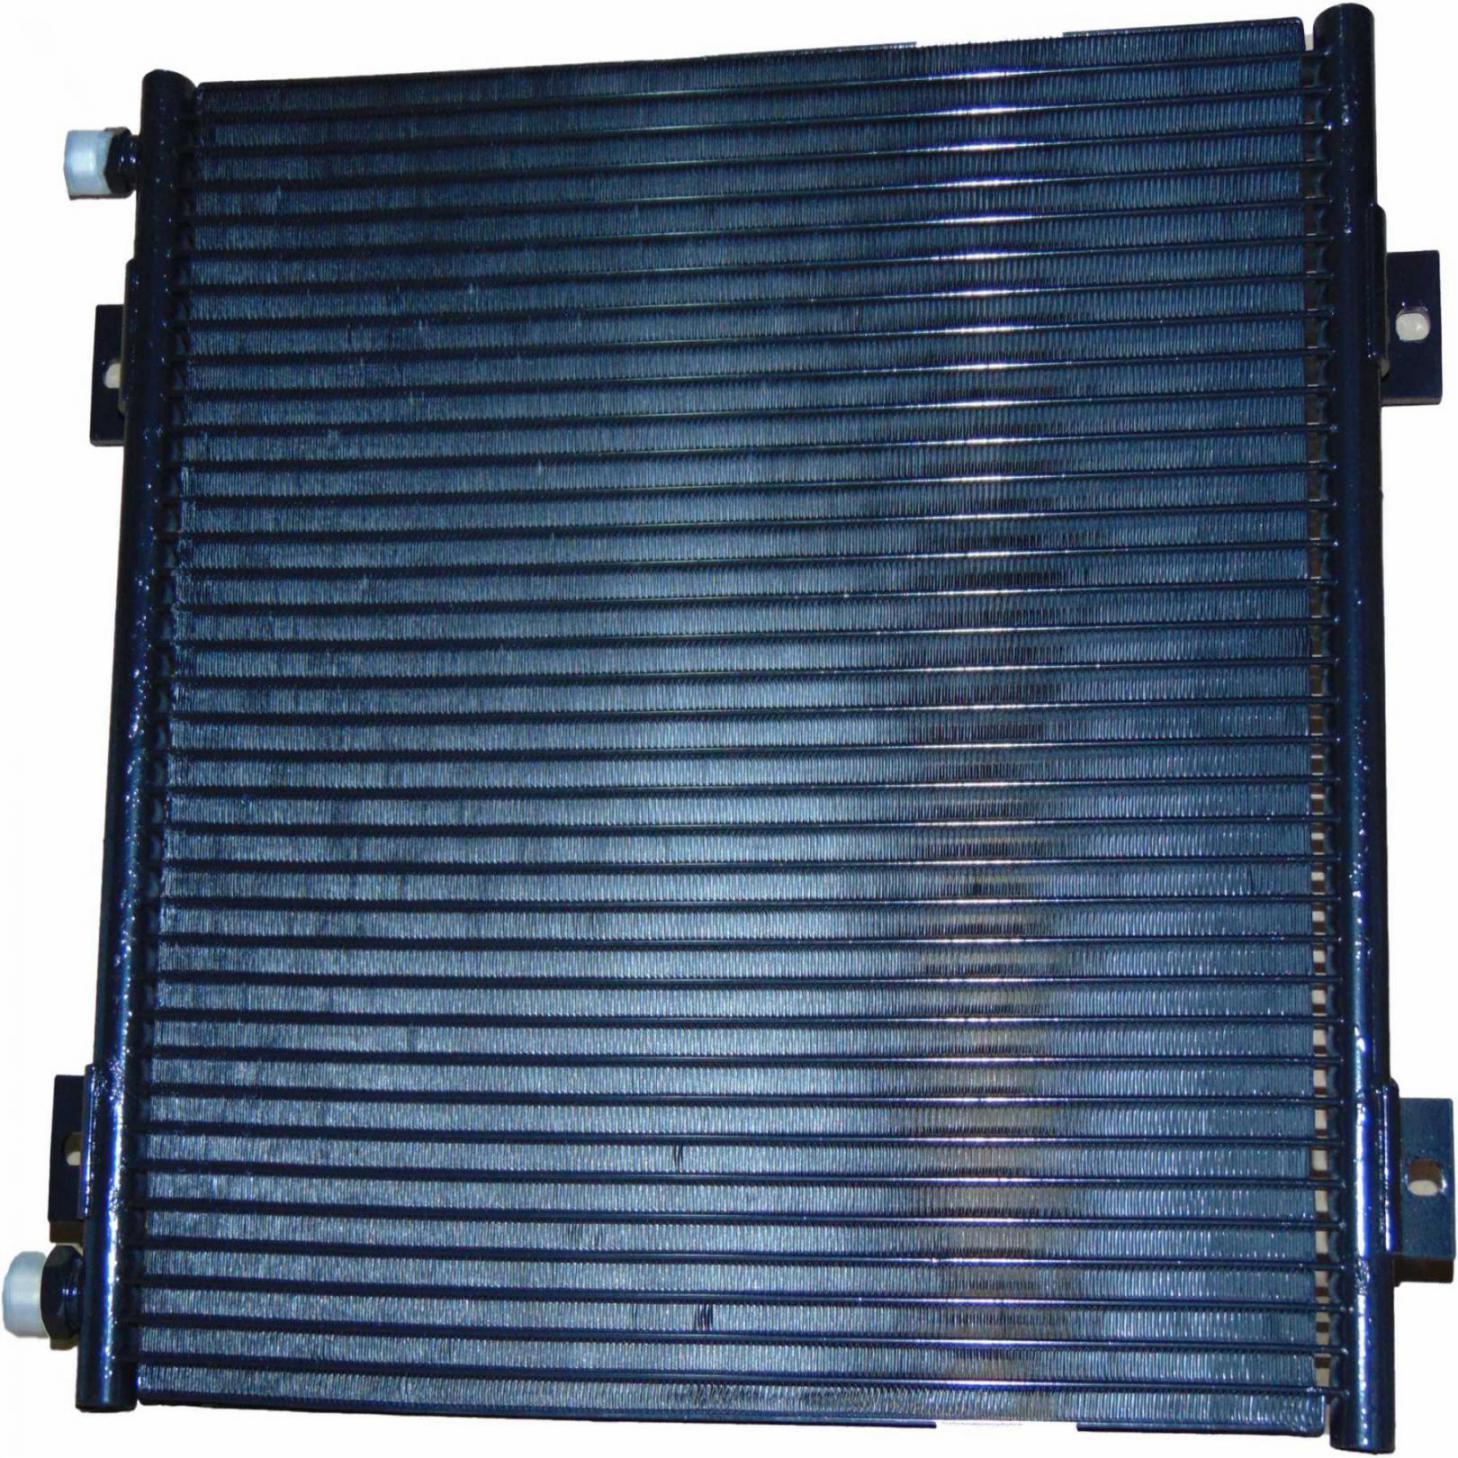 Condensador - Maquina Escavadeira Hyundai/Xcmg Oem-11Em90050